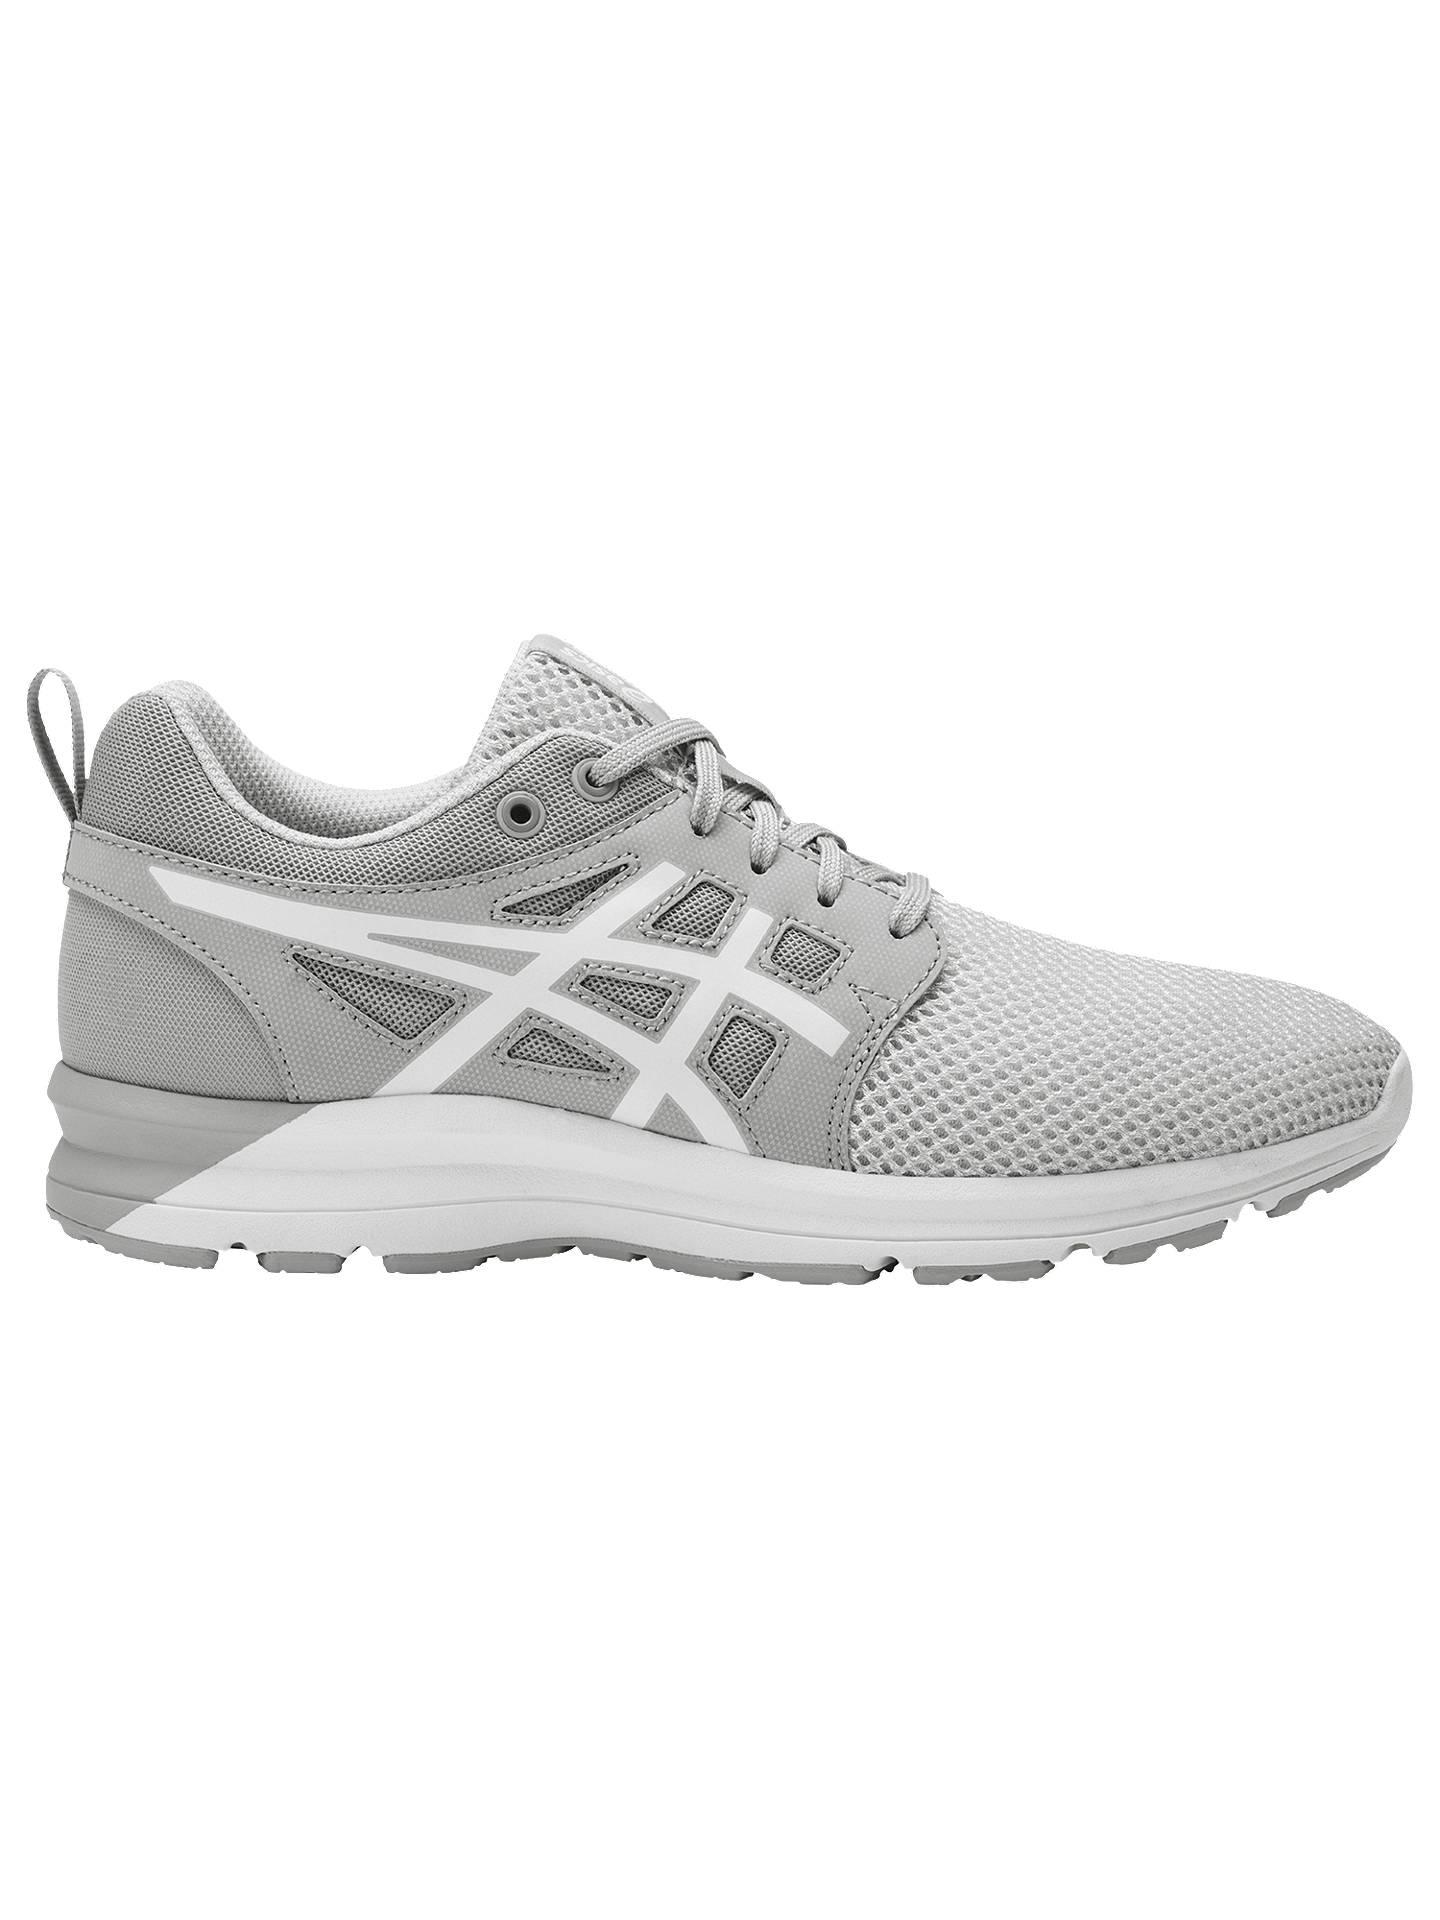 f01ce5e39 Asics GEL-Torrance Women s Running Shoes